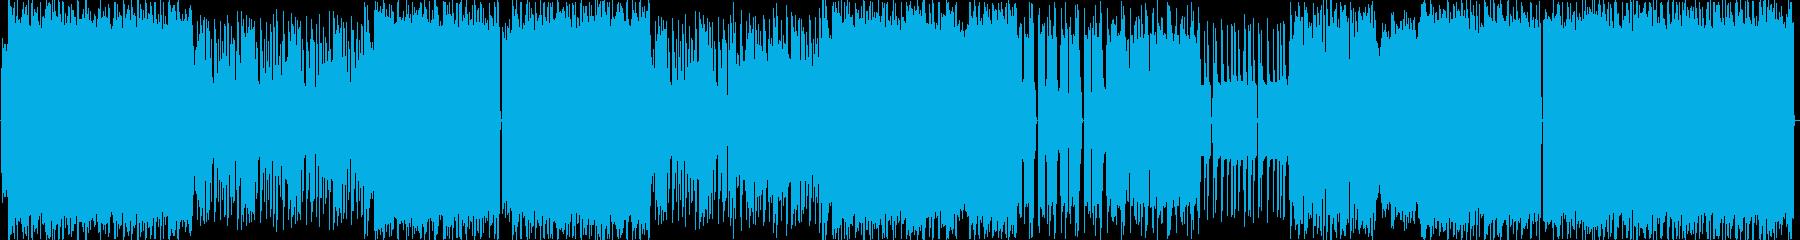 スローテンポの怒りのデジタルロックの再生済みの波形